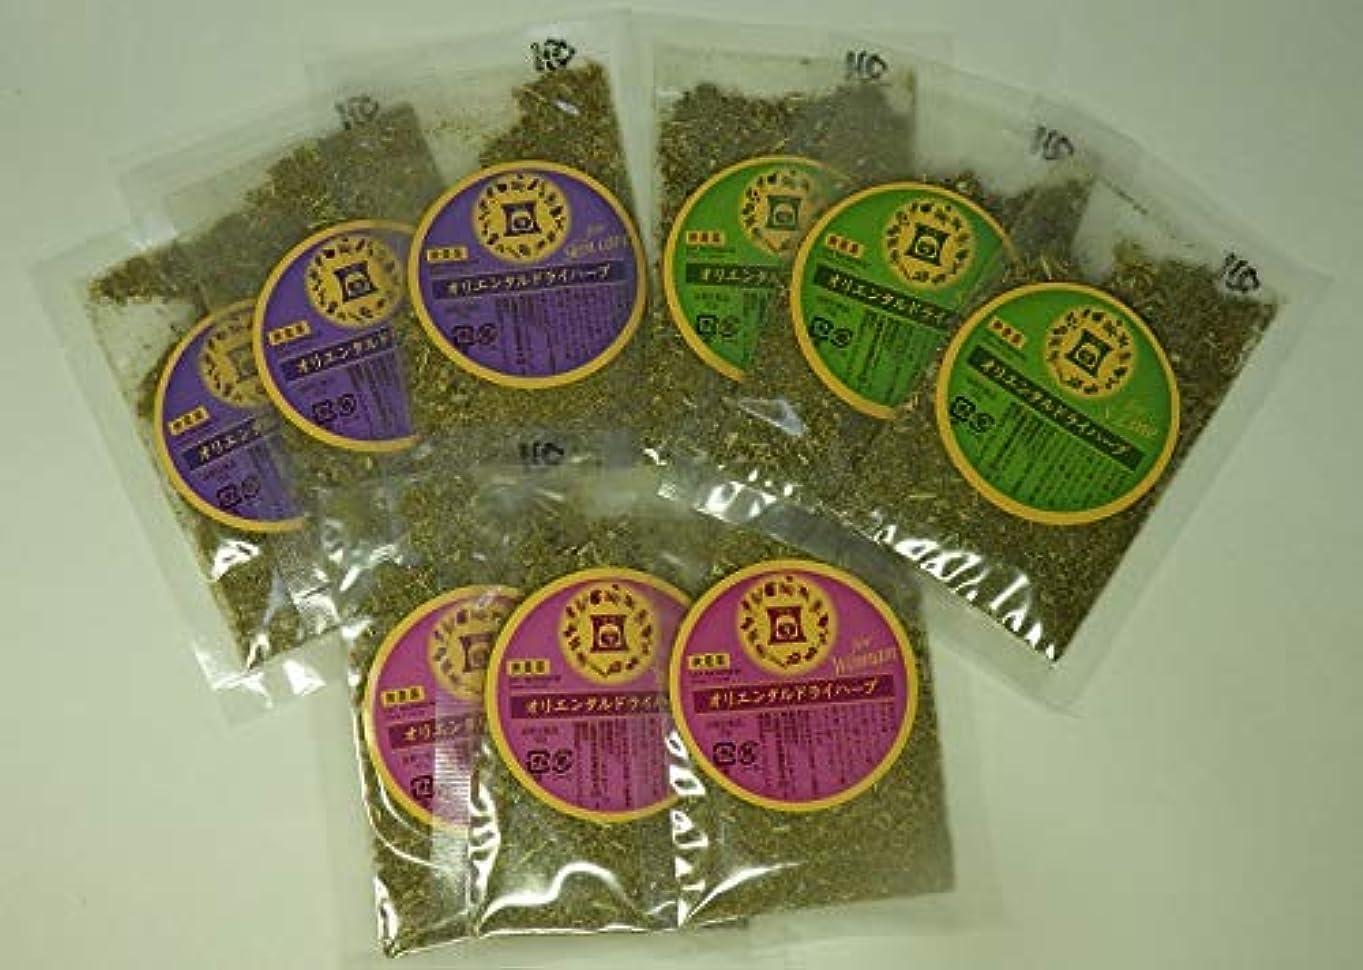 タウポ湖するだろう苛性ファンジン黄土 座浴剤 9袋 正規品 (3種(ダイエット、女性、皮膚美容)各3 計9袋)